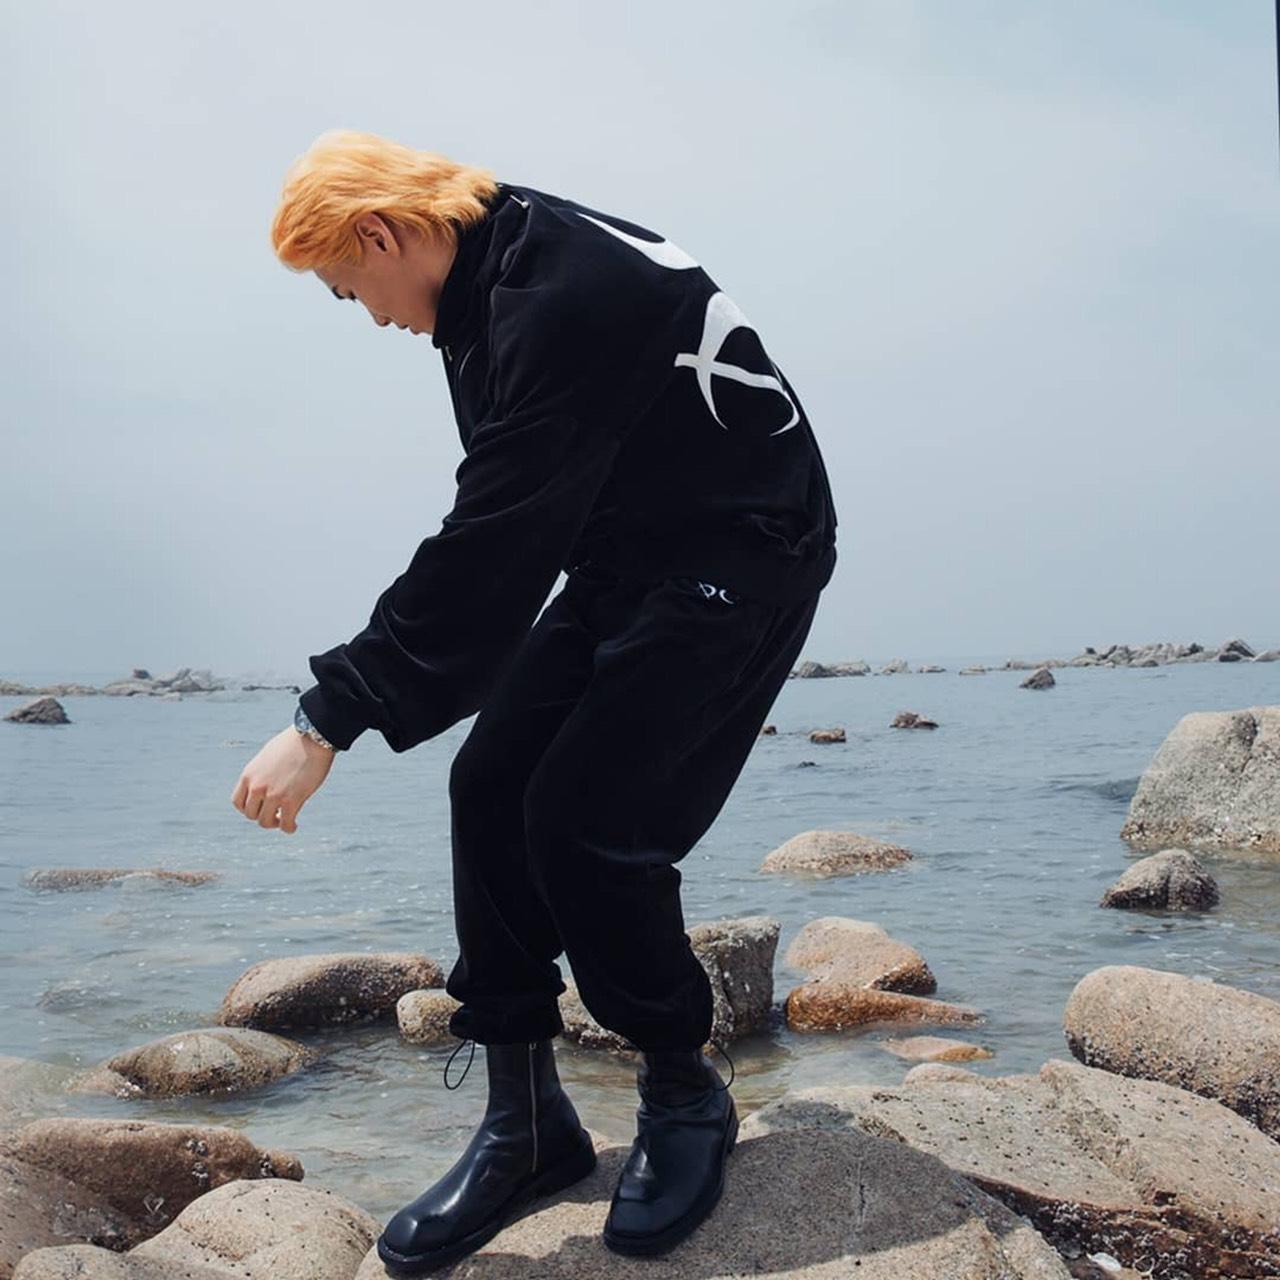 韓国の有名ダンサーRyuDが立ち上げた新進気鋭のストリートブランド DAUSPICE (ディオスピス)が、60%(シックスティーパーセント)への出店、販売を開始。EXOらが着用し話題に。